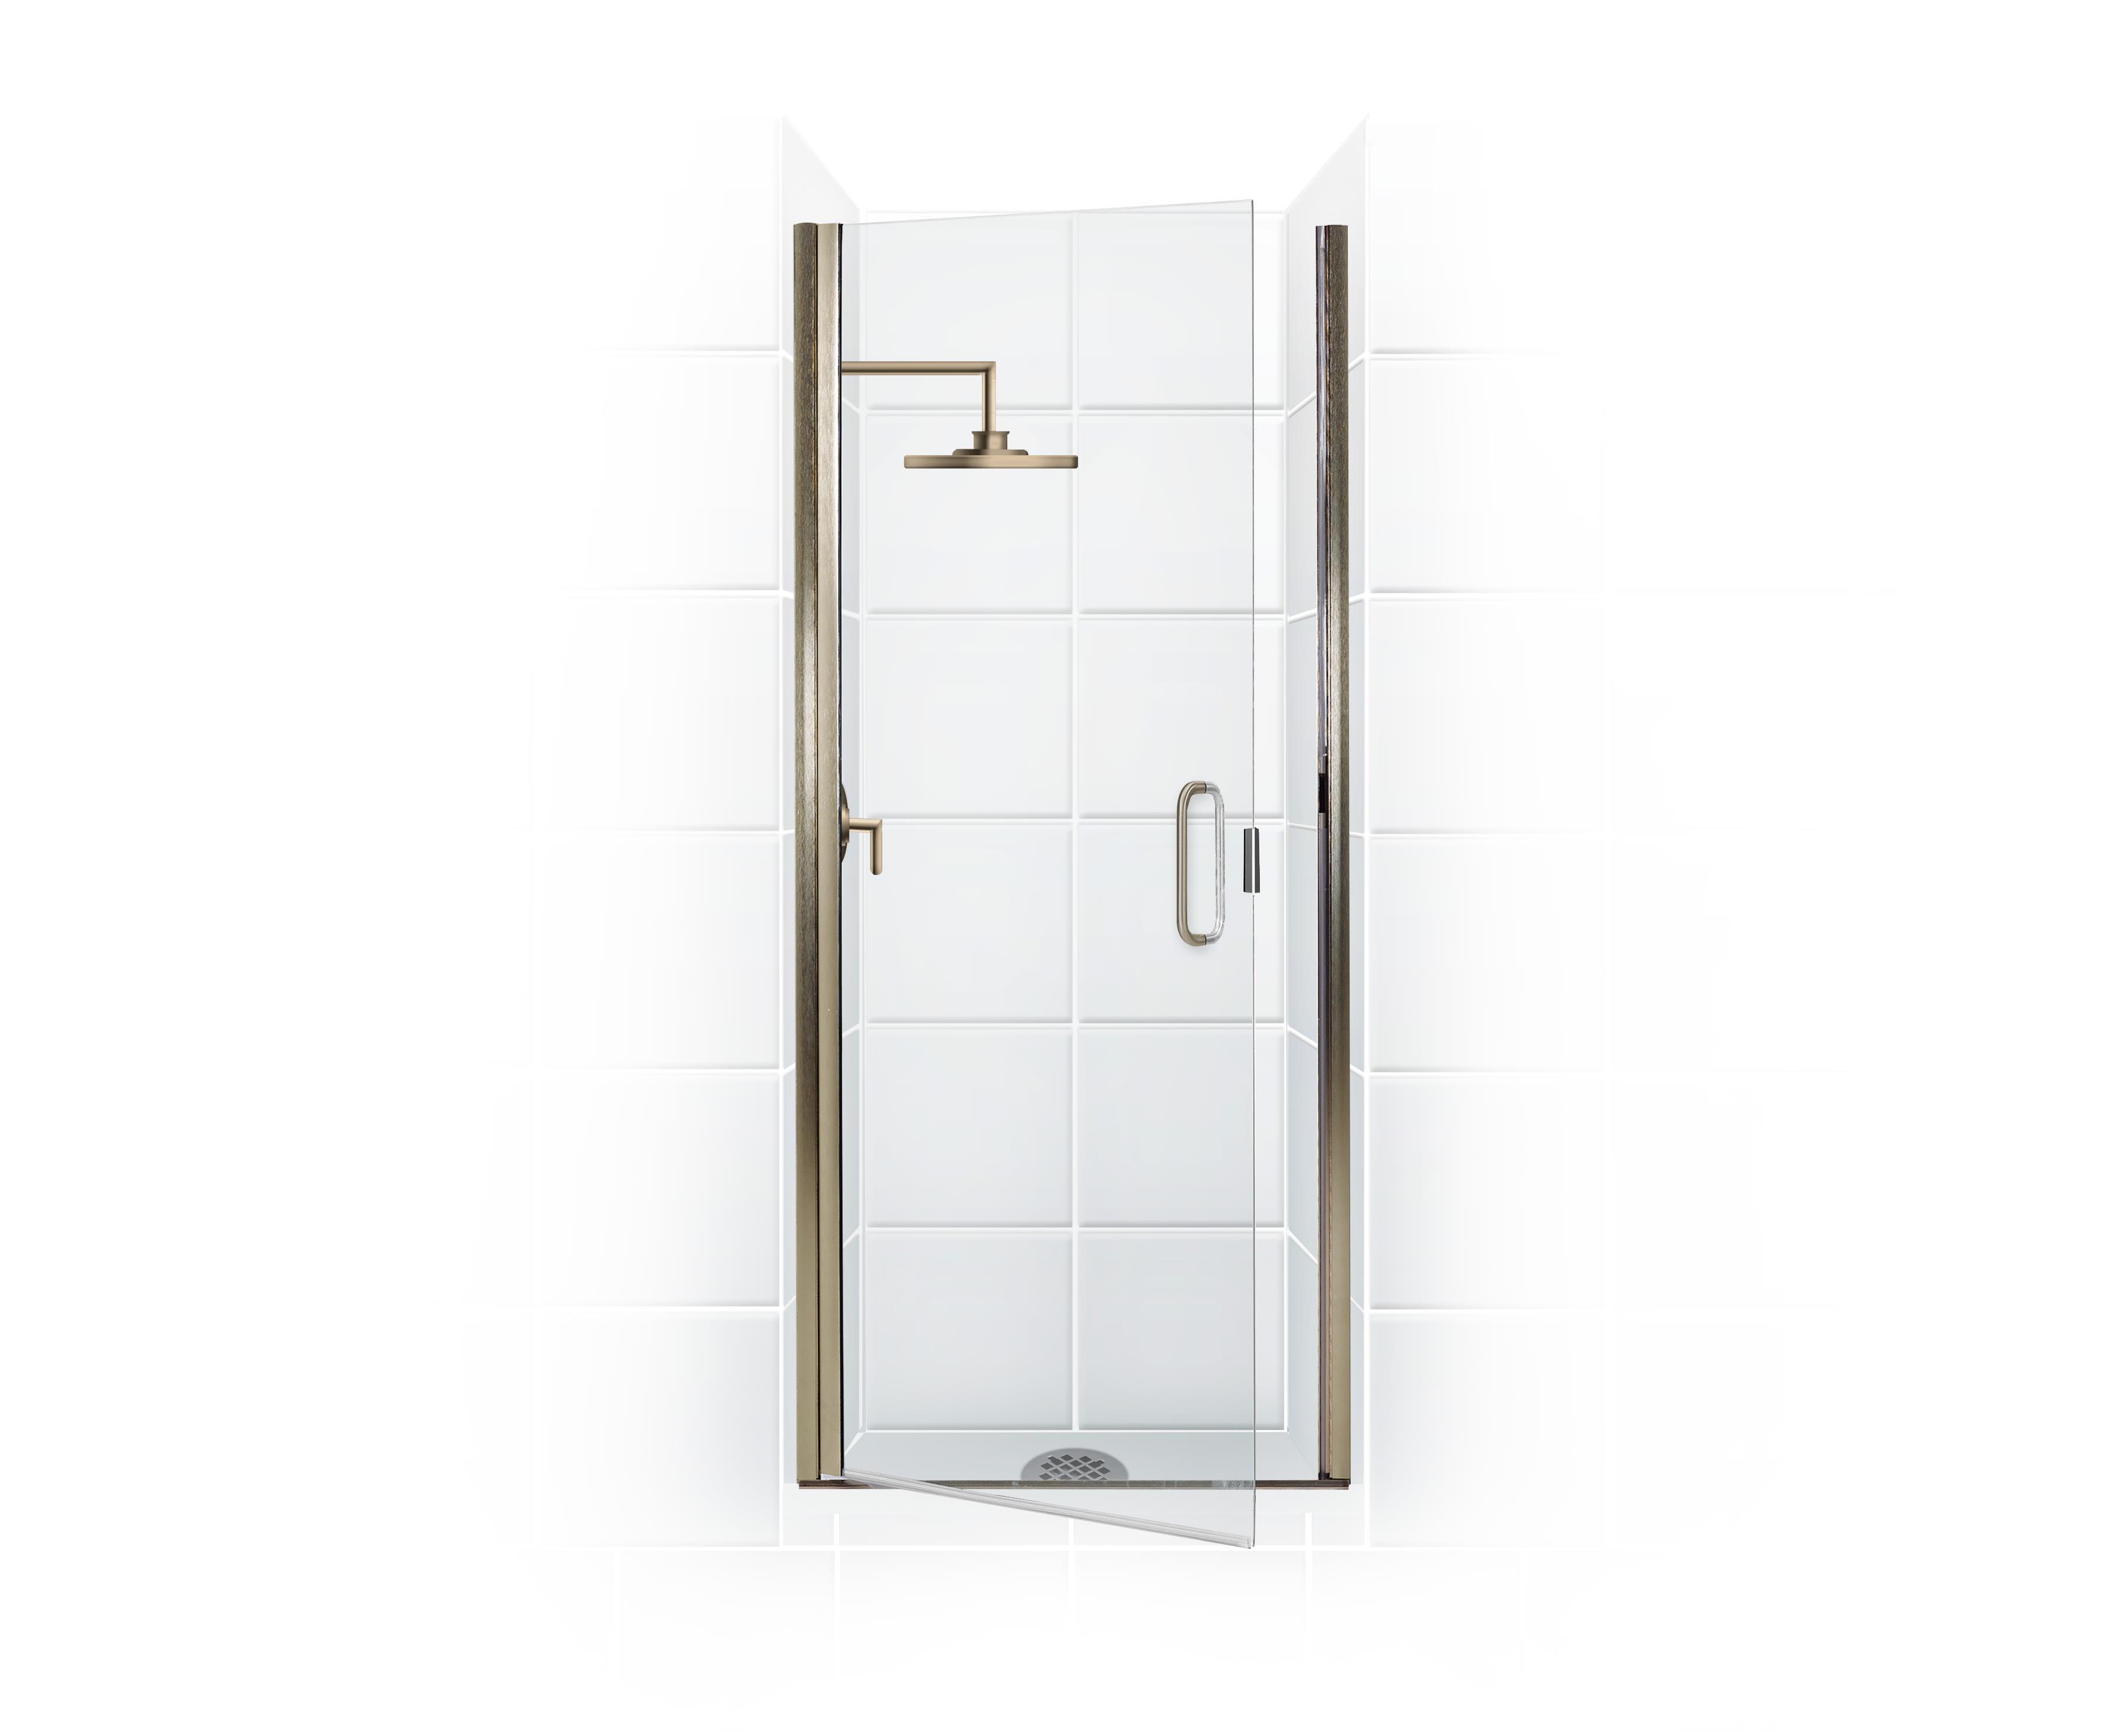 Coastal Shower Doors Pcqfr31 75 C